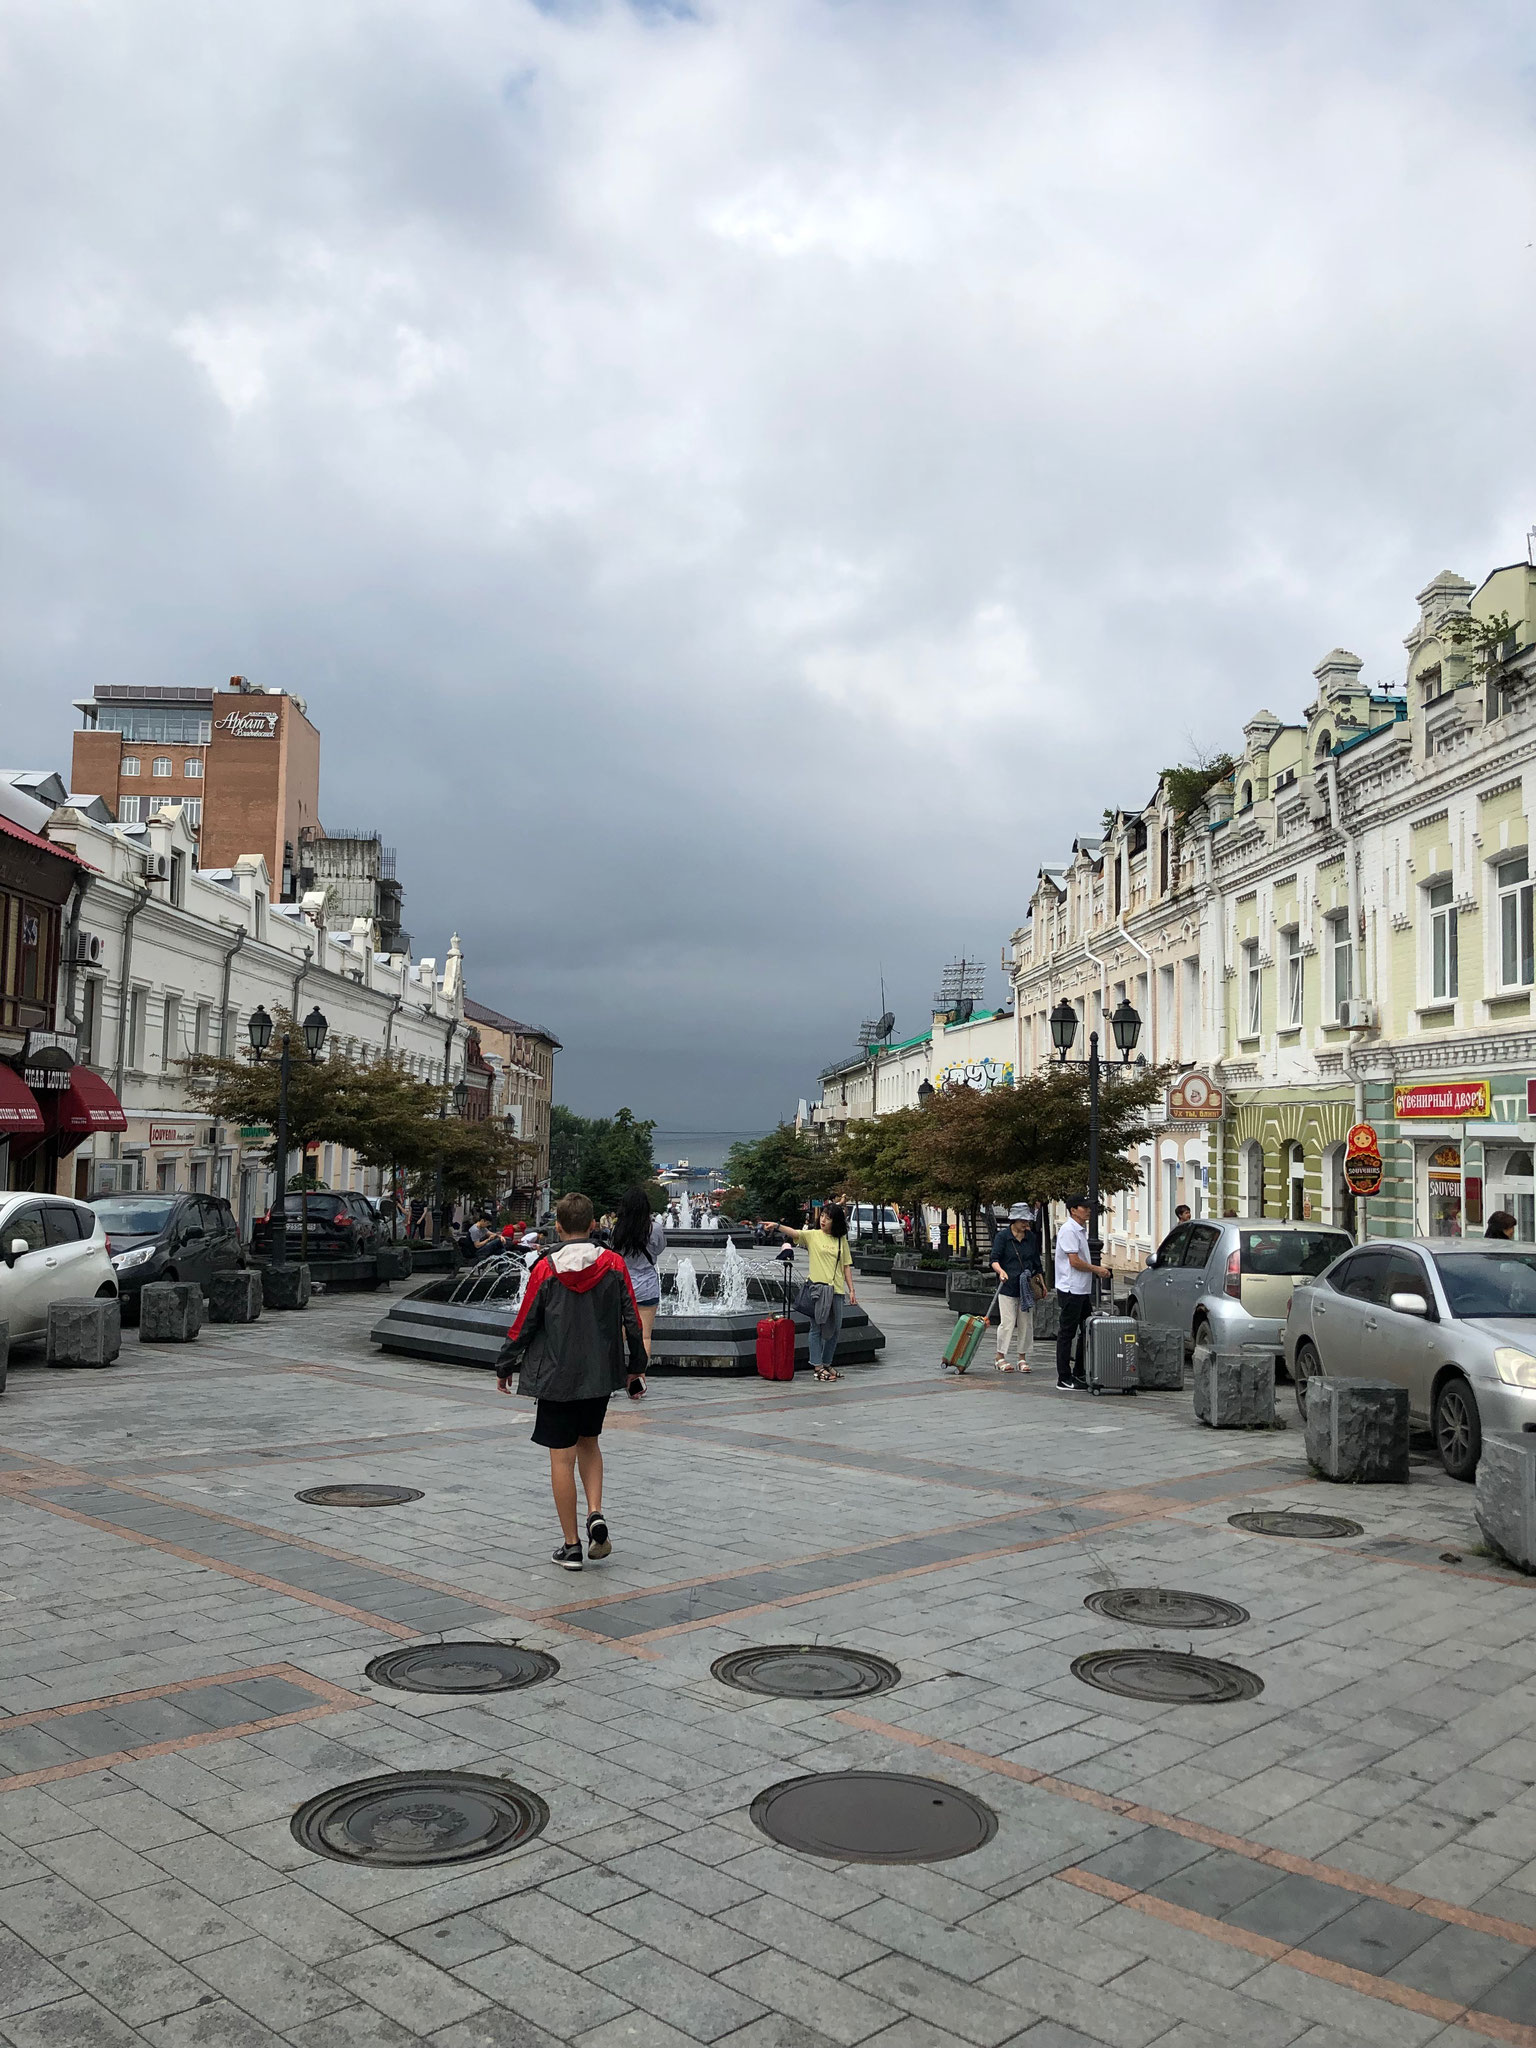 ウラジオストク観光のメインストリート、アドミラーラ フォーキナ通り